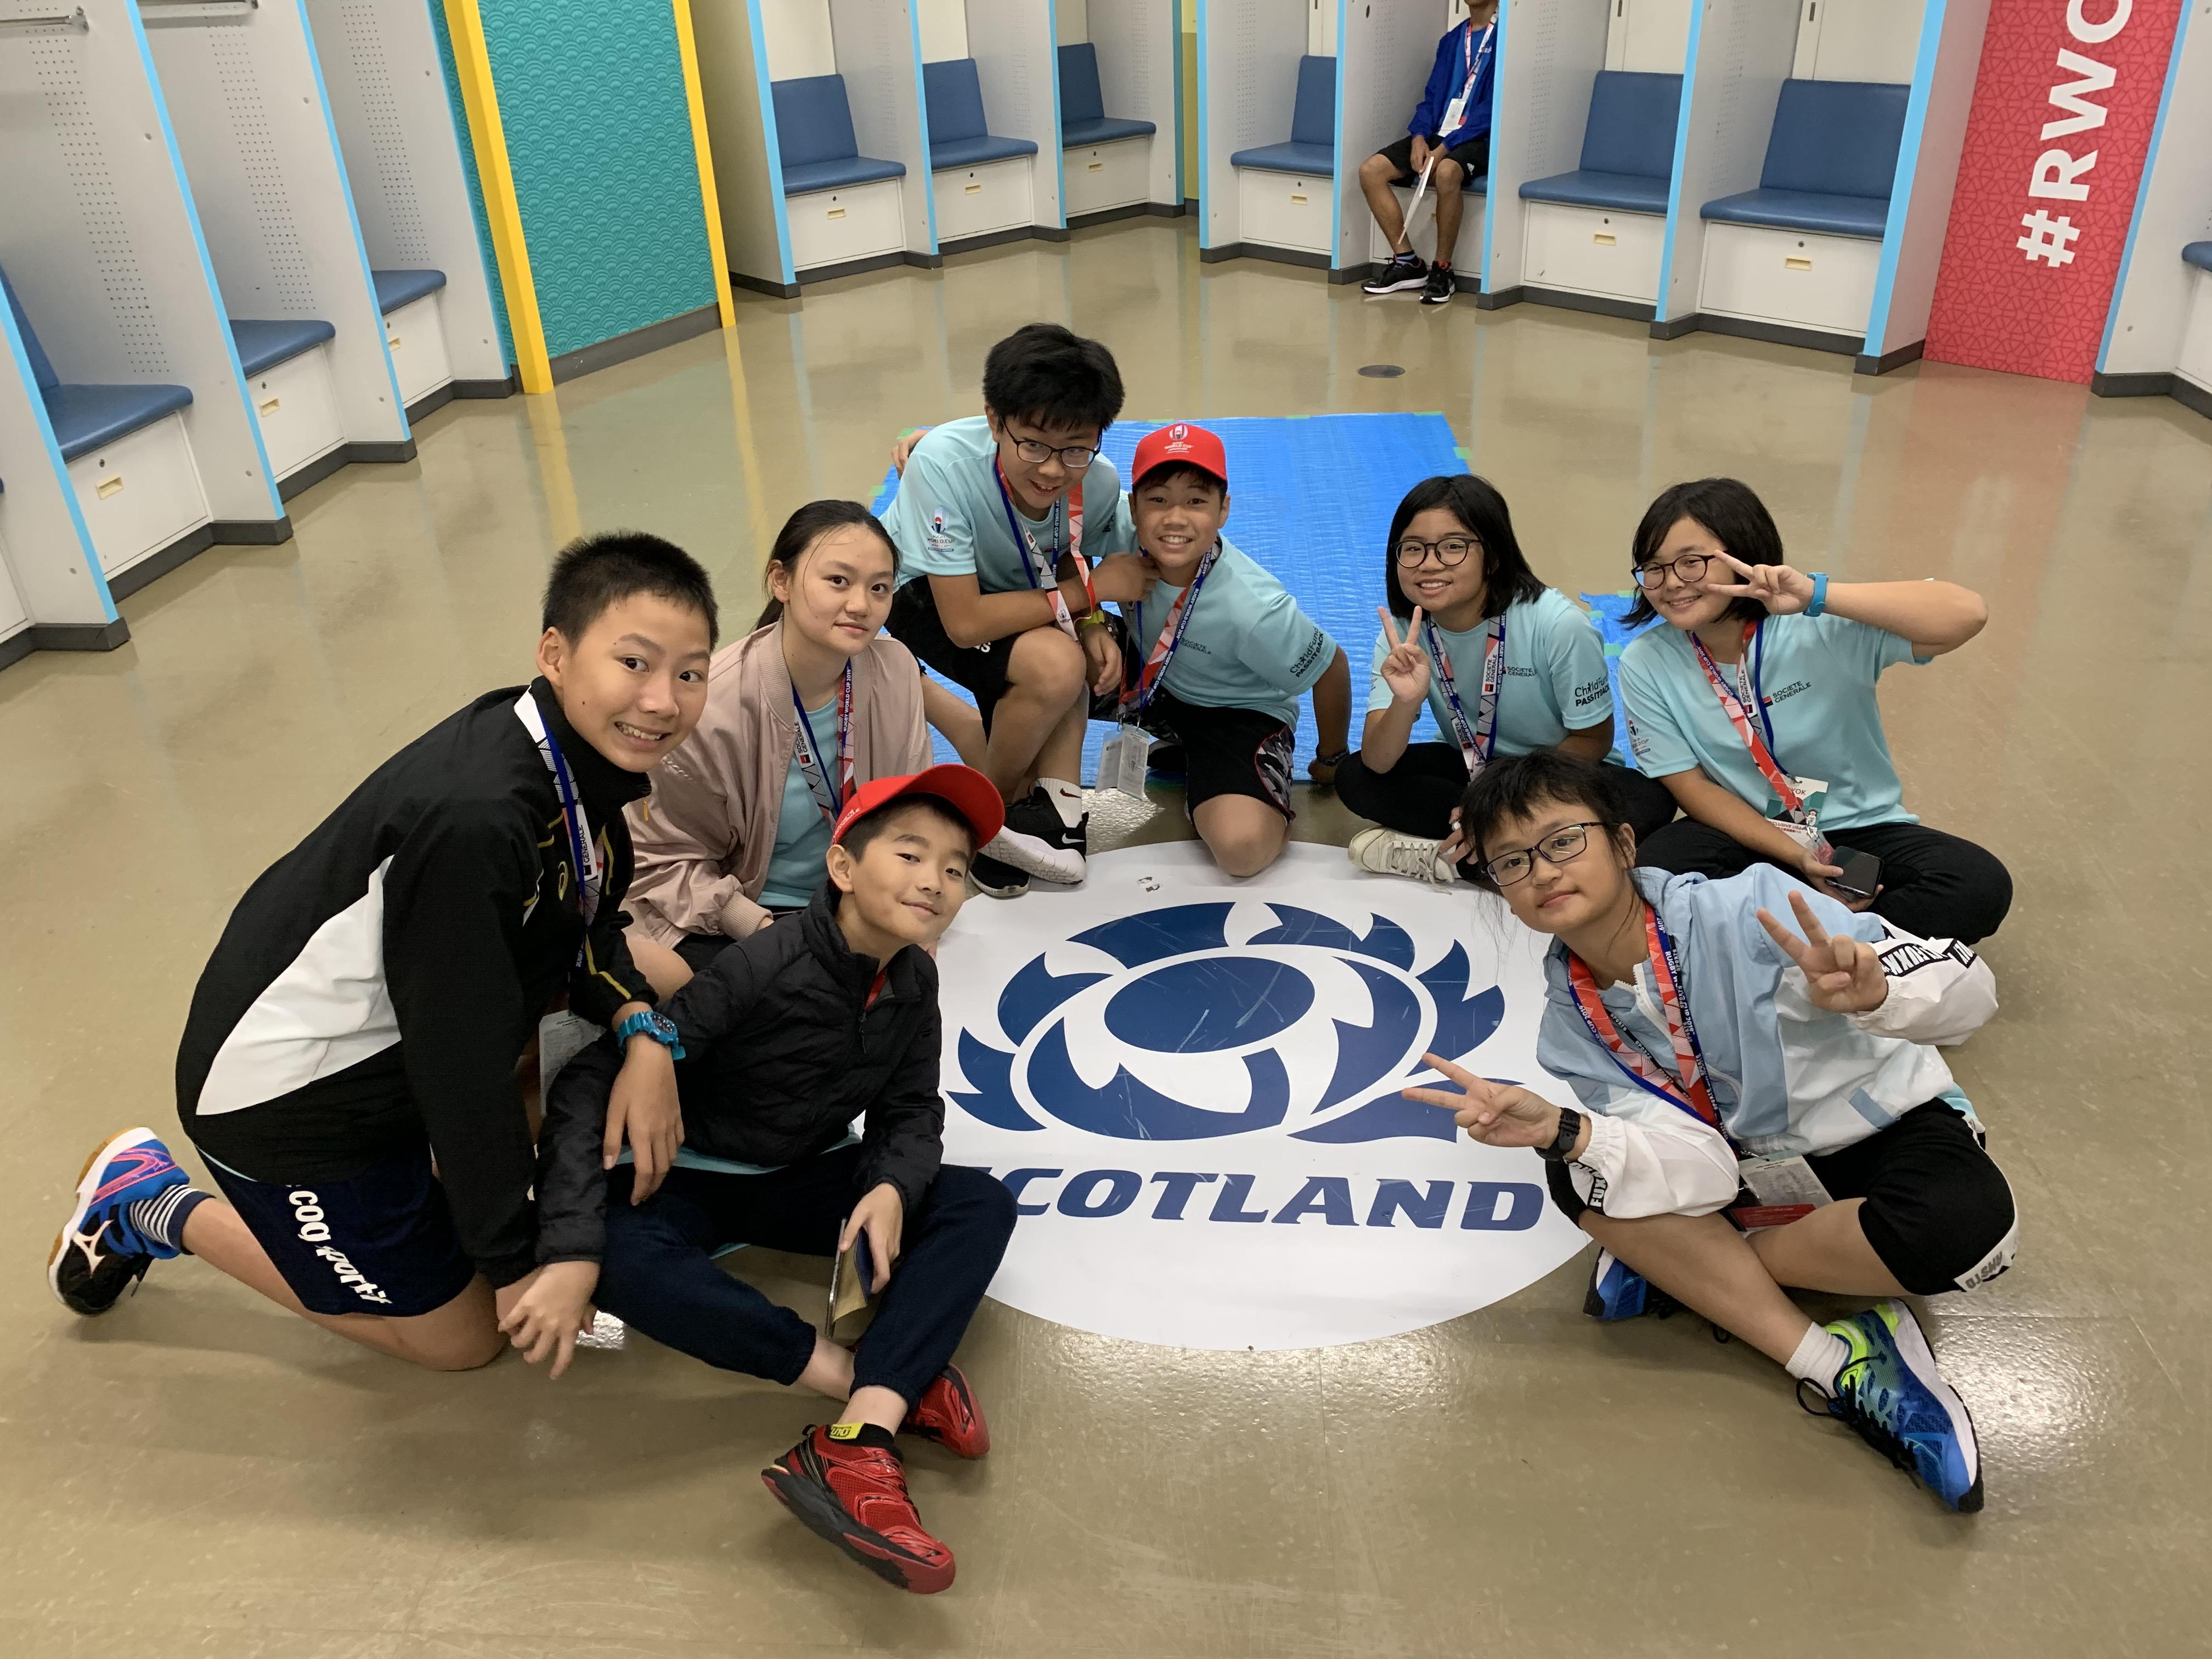 【2019年世界盃欖球賽】日本交流團